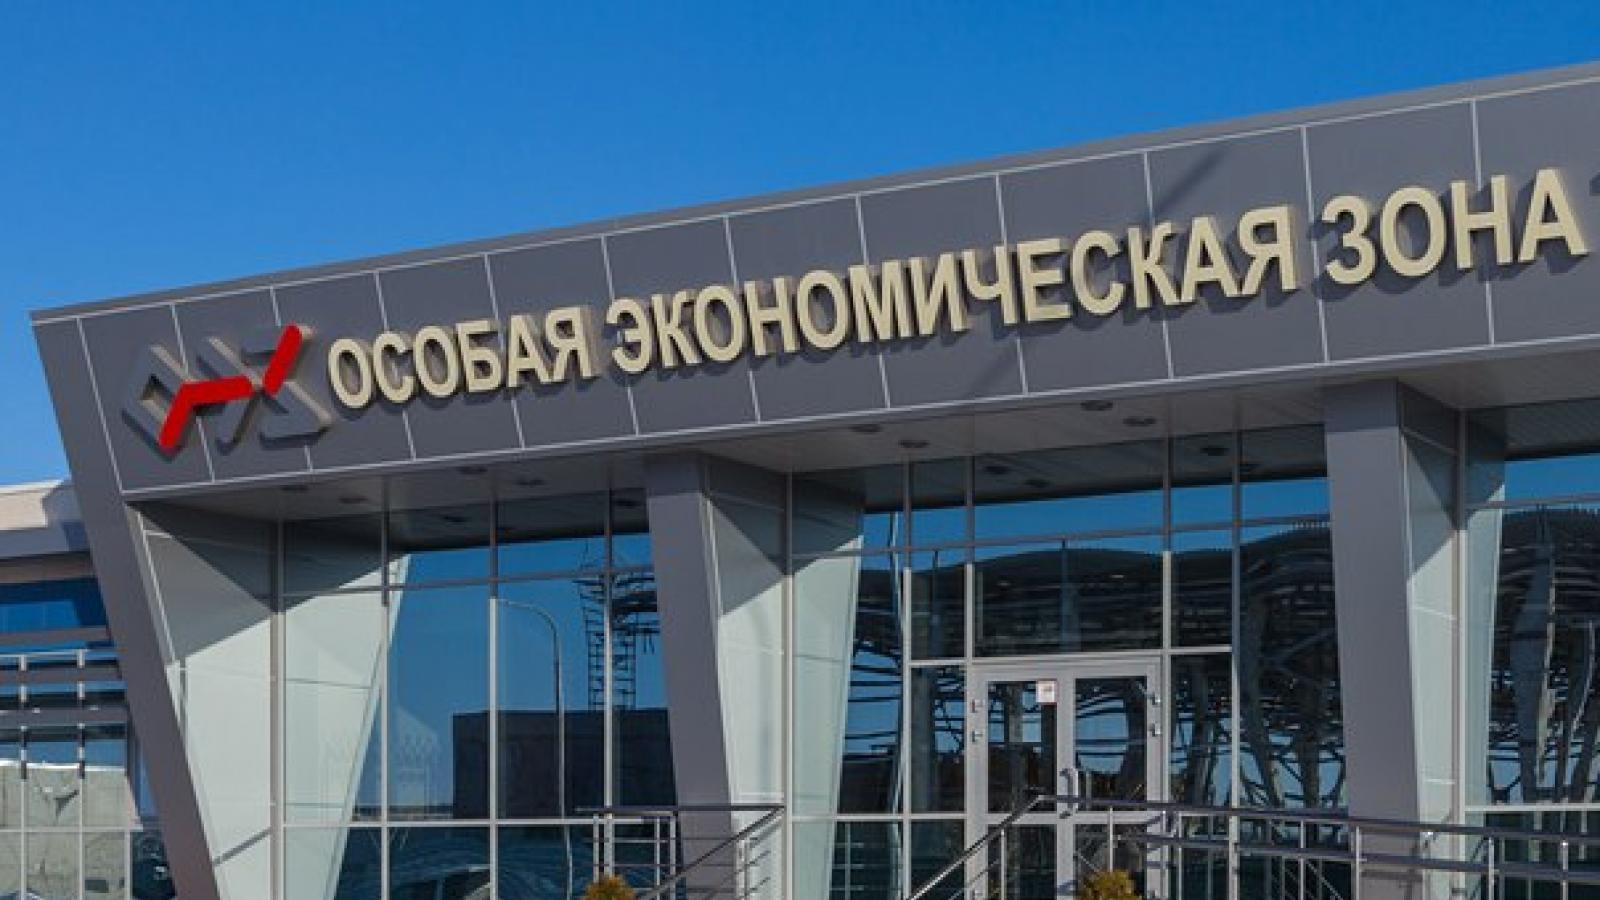 Особую экономическую зону создадут в Вологде